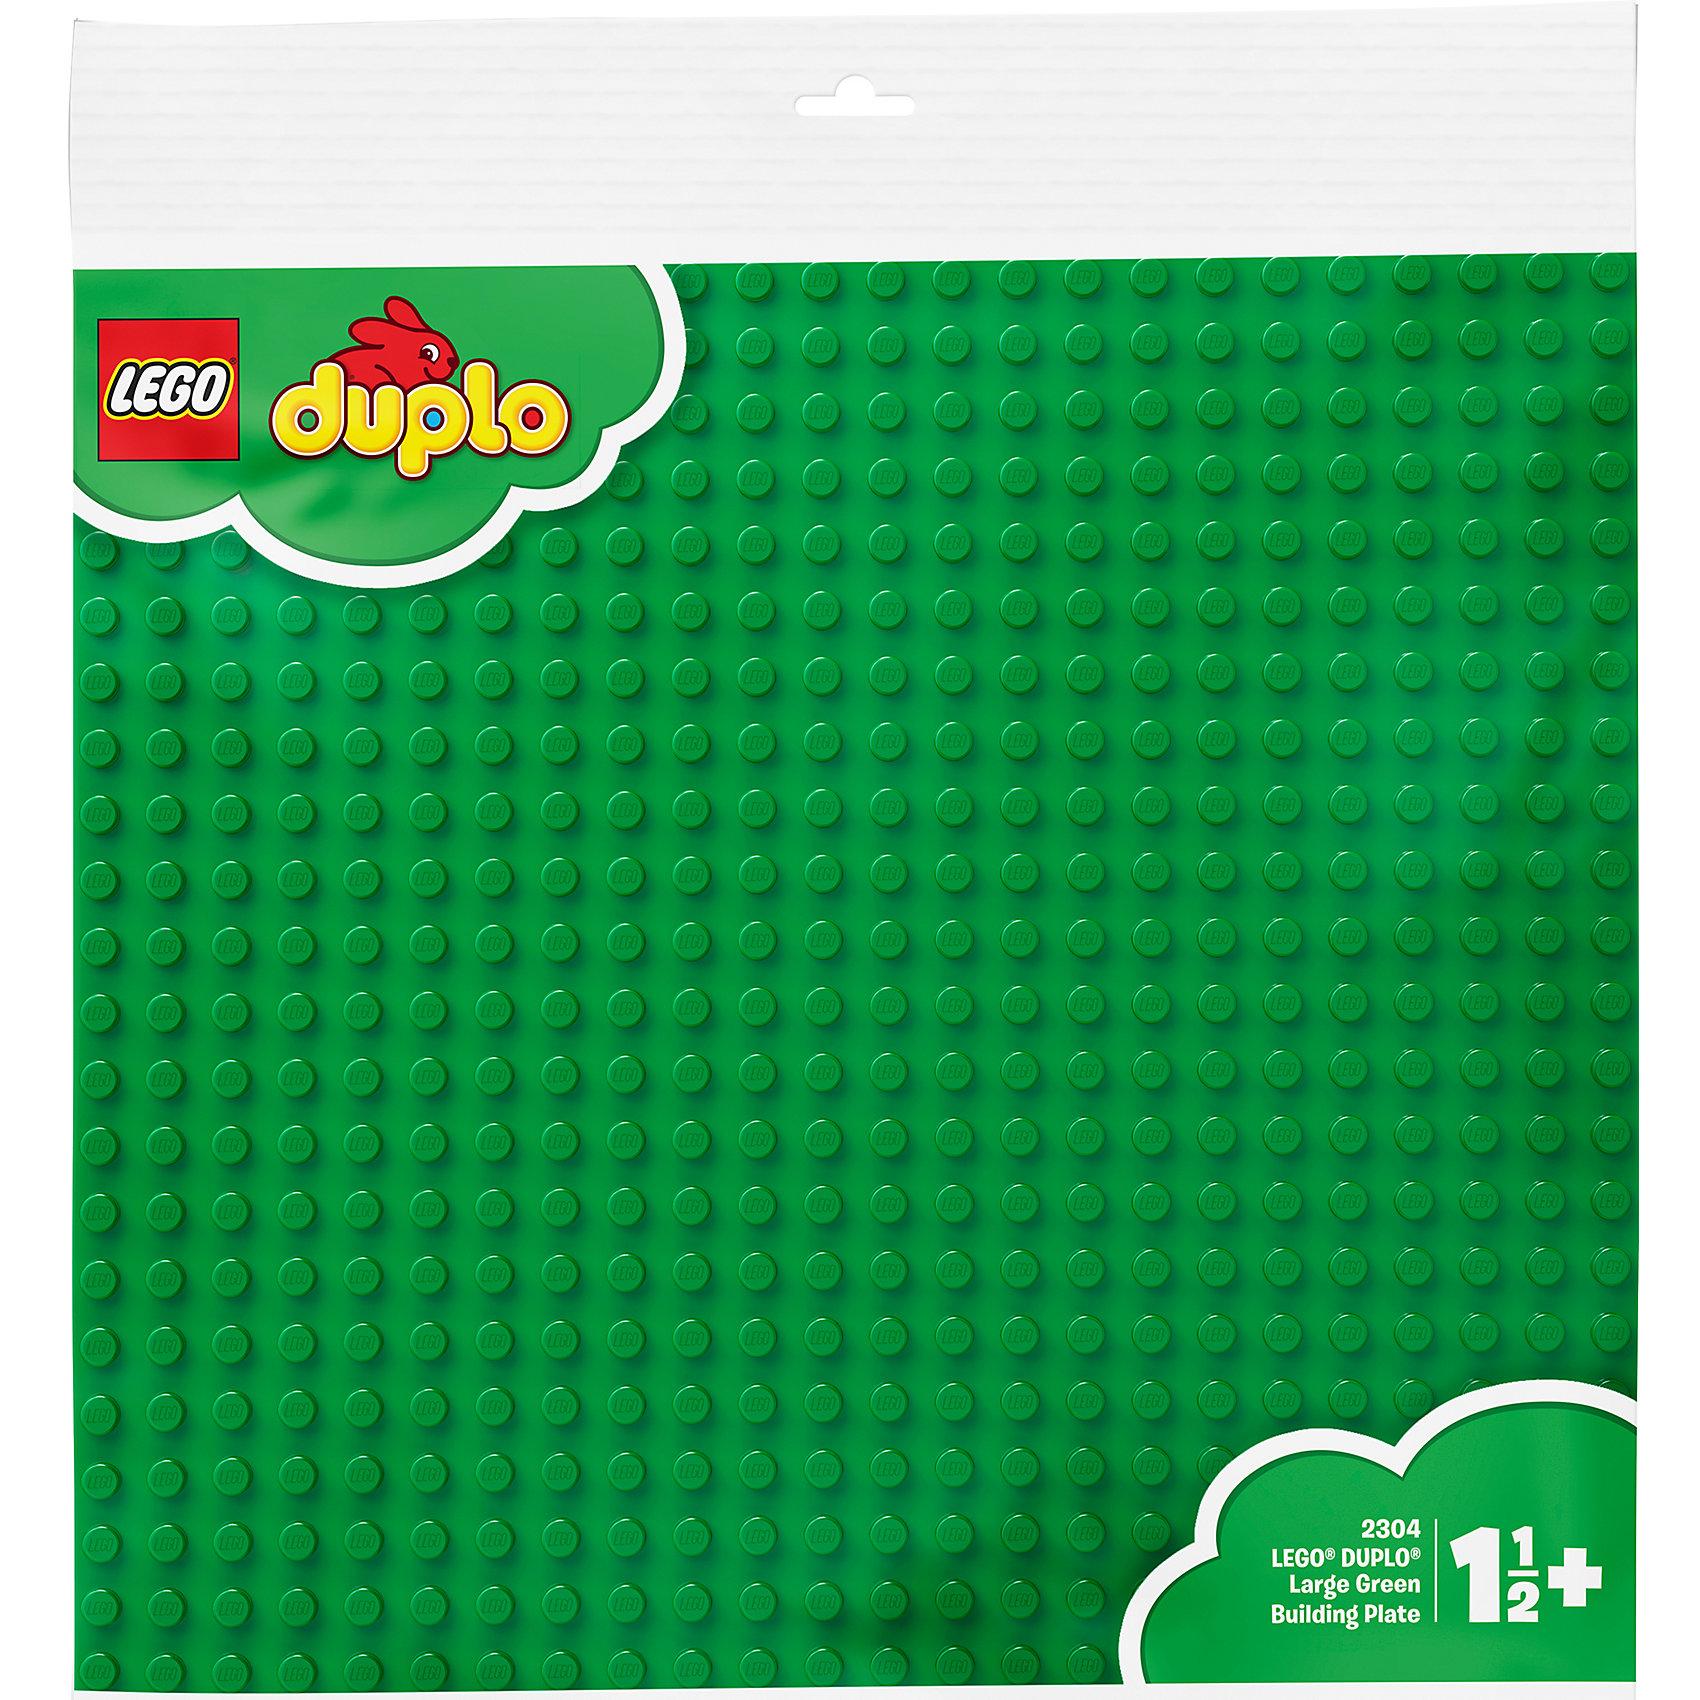 LEGO DUPLO 2304: Большая строительная пластинаПластмассовые конструкторы<br>Большая строительная пластина DUPLO. Цвет зеленый (LEGO 2304). Идеальная основа для крупных строительных проектов. <br><br>Большие размеры пластины позволят ребенку не только построить свой мир для игр, но и значительно расширить его границы. <br><br>Детали: <br><br>- пластина является также идеальным основанием для строительных элементов DUPLO более ранних выпусков <br>- размеры: 38 x 38 см <br><br>Дополнительная информация: <br><br>- LEGO-артикул: 2304 <br>- Возраст: от 2 до 5 лет <br>- Состав: 1 большая строительная пластина<br><br>Ширина мм: 396<br>Глубина мм: 386<br>Высота мм: 17<br>Вес г: 273<br>Возраст от месяцев: 24<br>Возраст до месяцев: 60<br>Пол: Унисекс<br>Возраст: Детский<br>SKU: 1025638